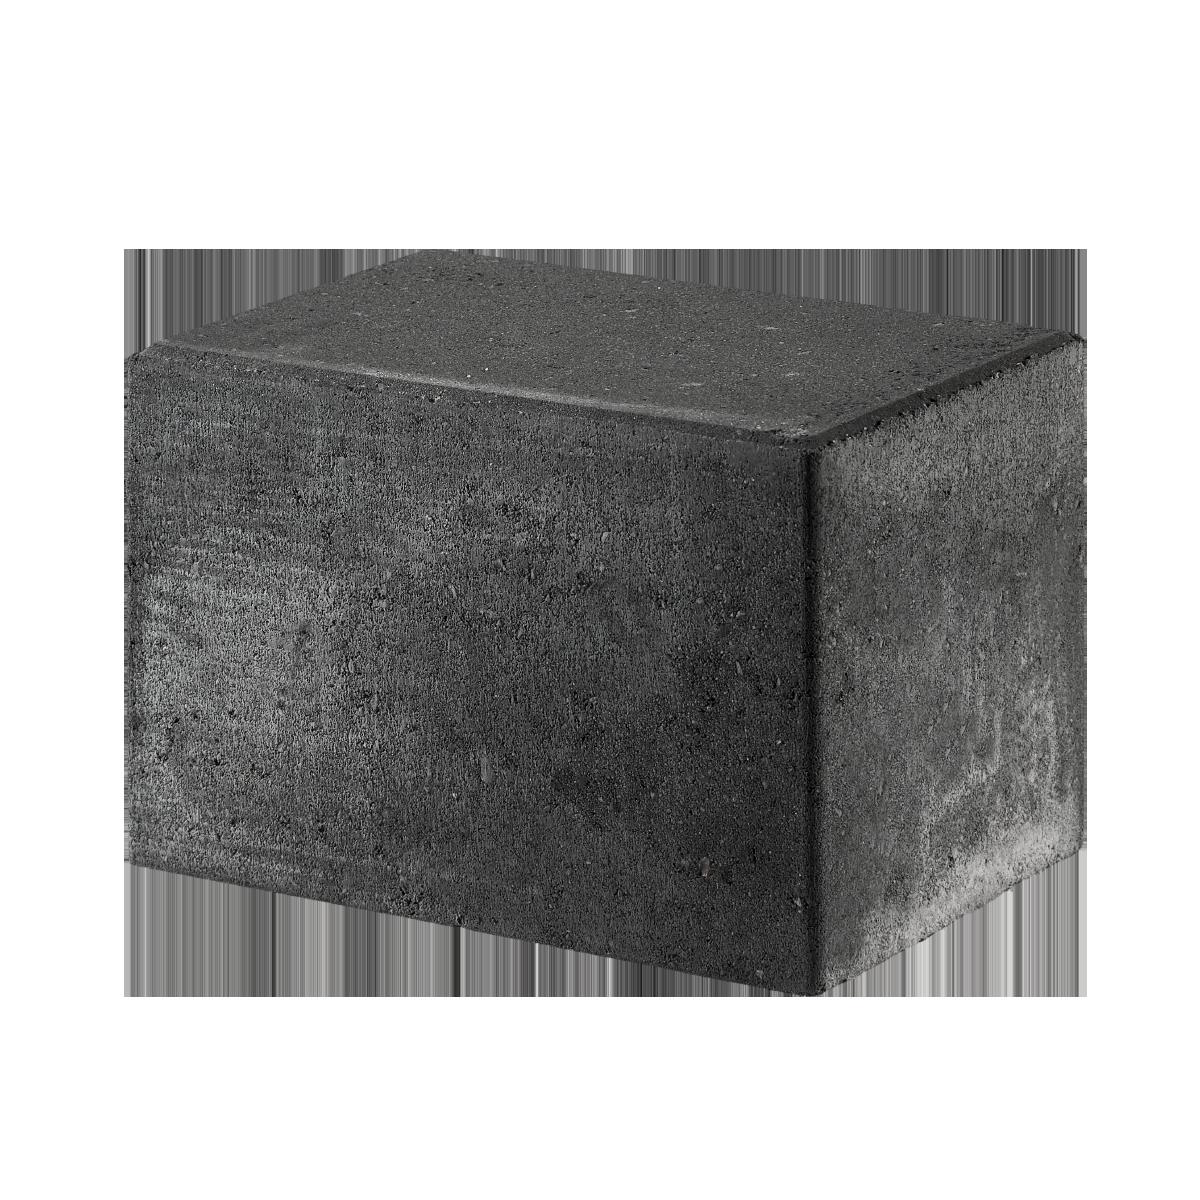 Bondesten 14x21x14 cm Sort/Antracit Kantblokke